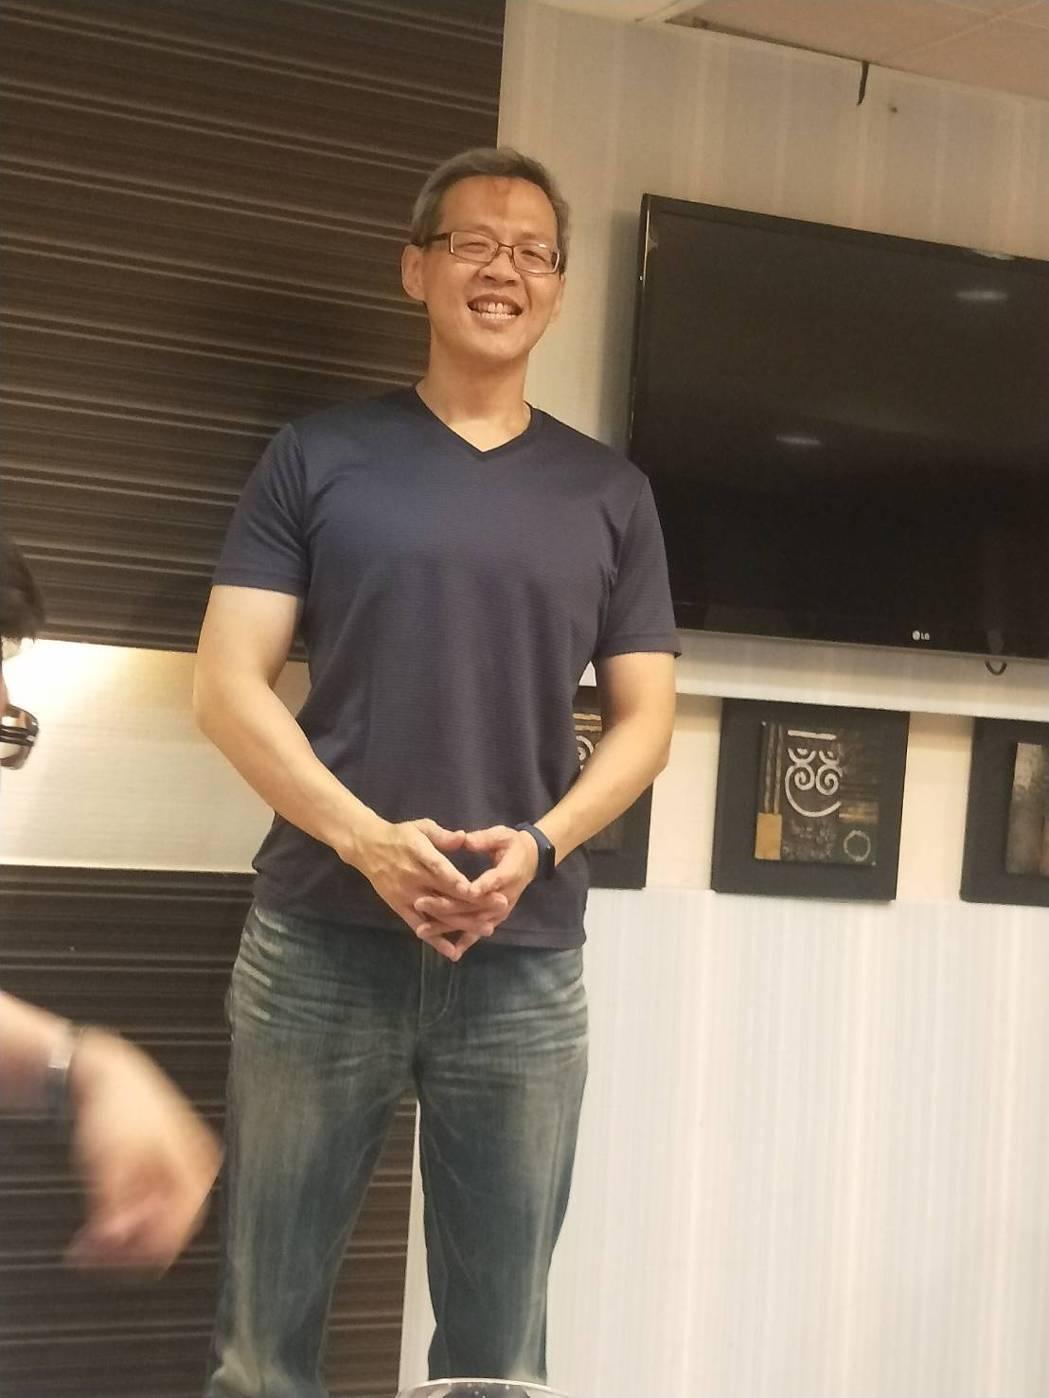 衛福部立基隆醫院急診室主任陳輝財最近減肥成功,從今年2月至今,半年共減12公斤,...